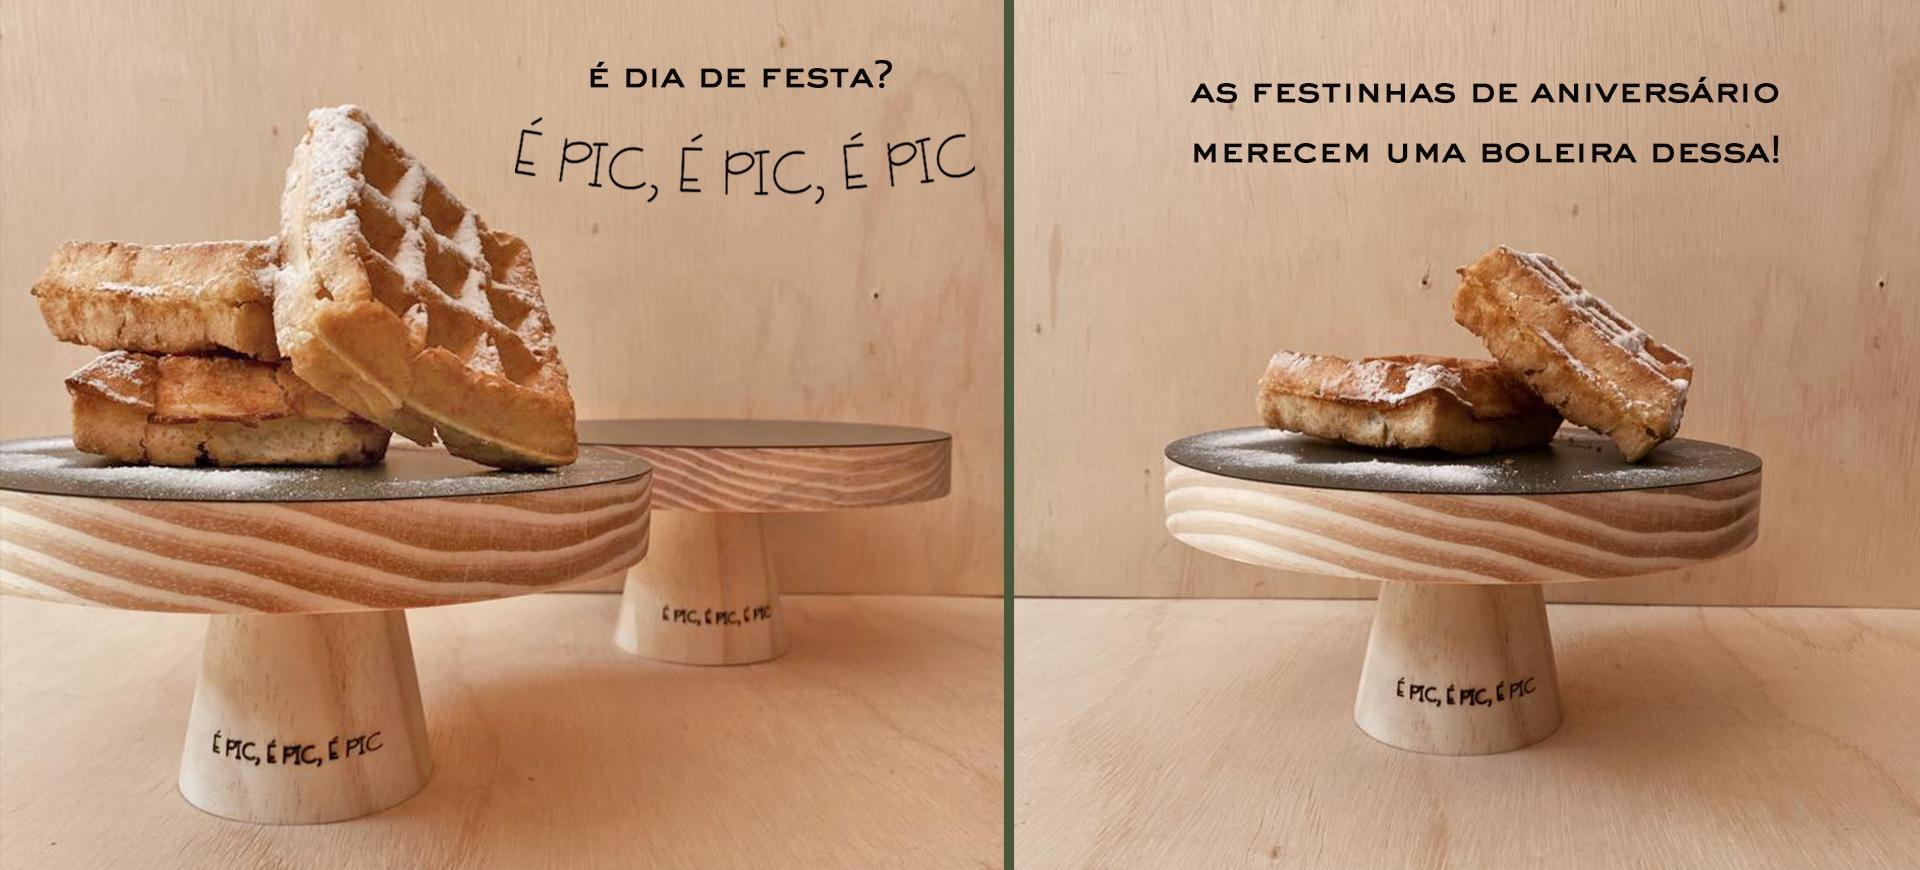 PRATINHO PAO